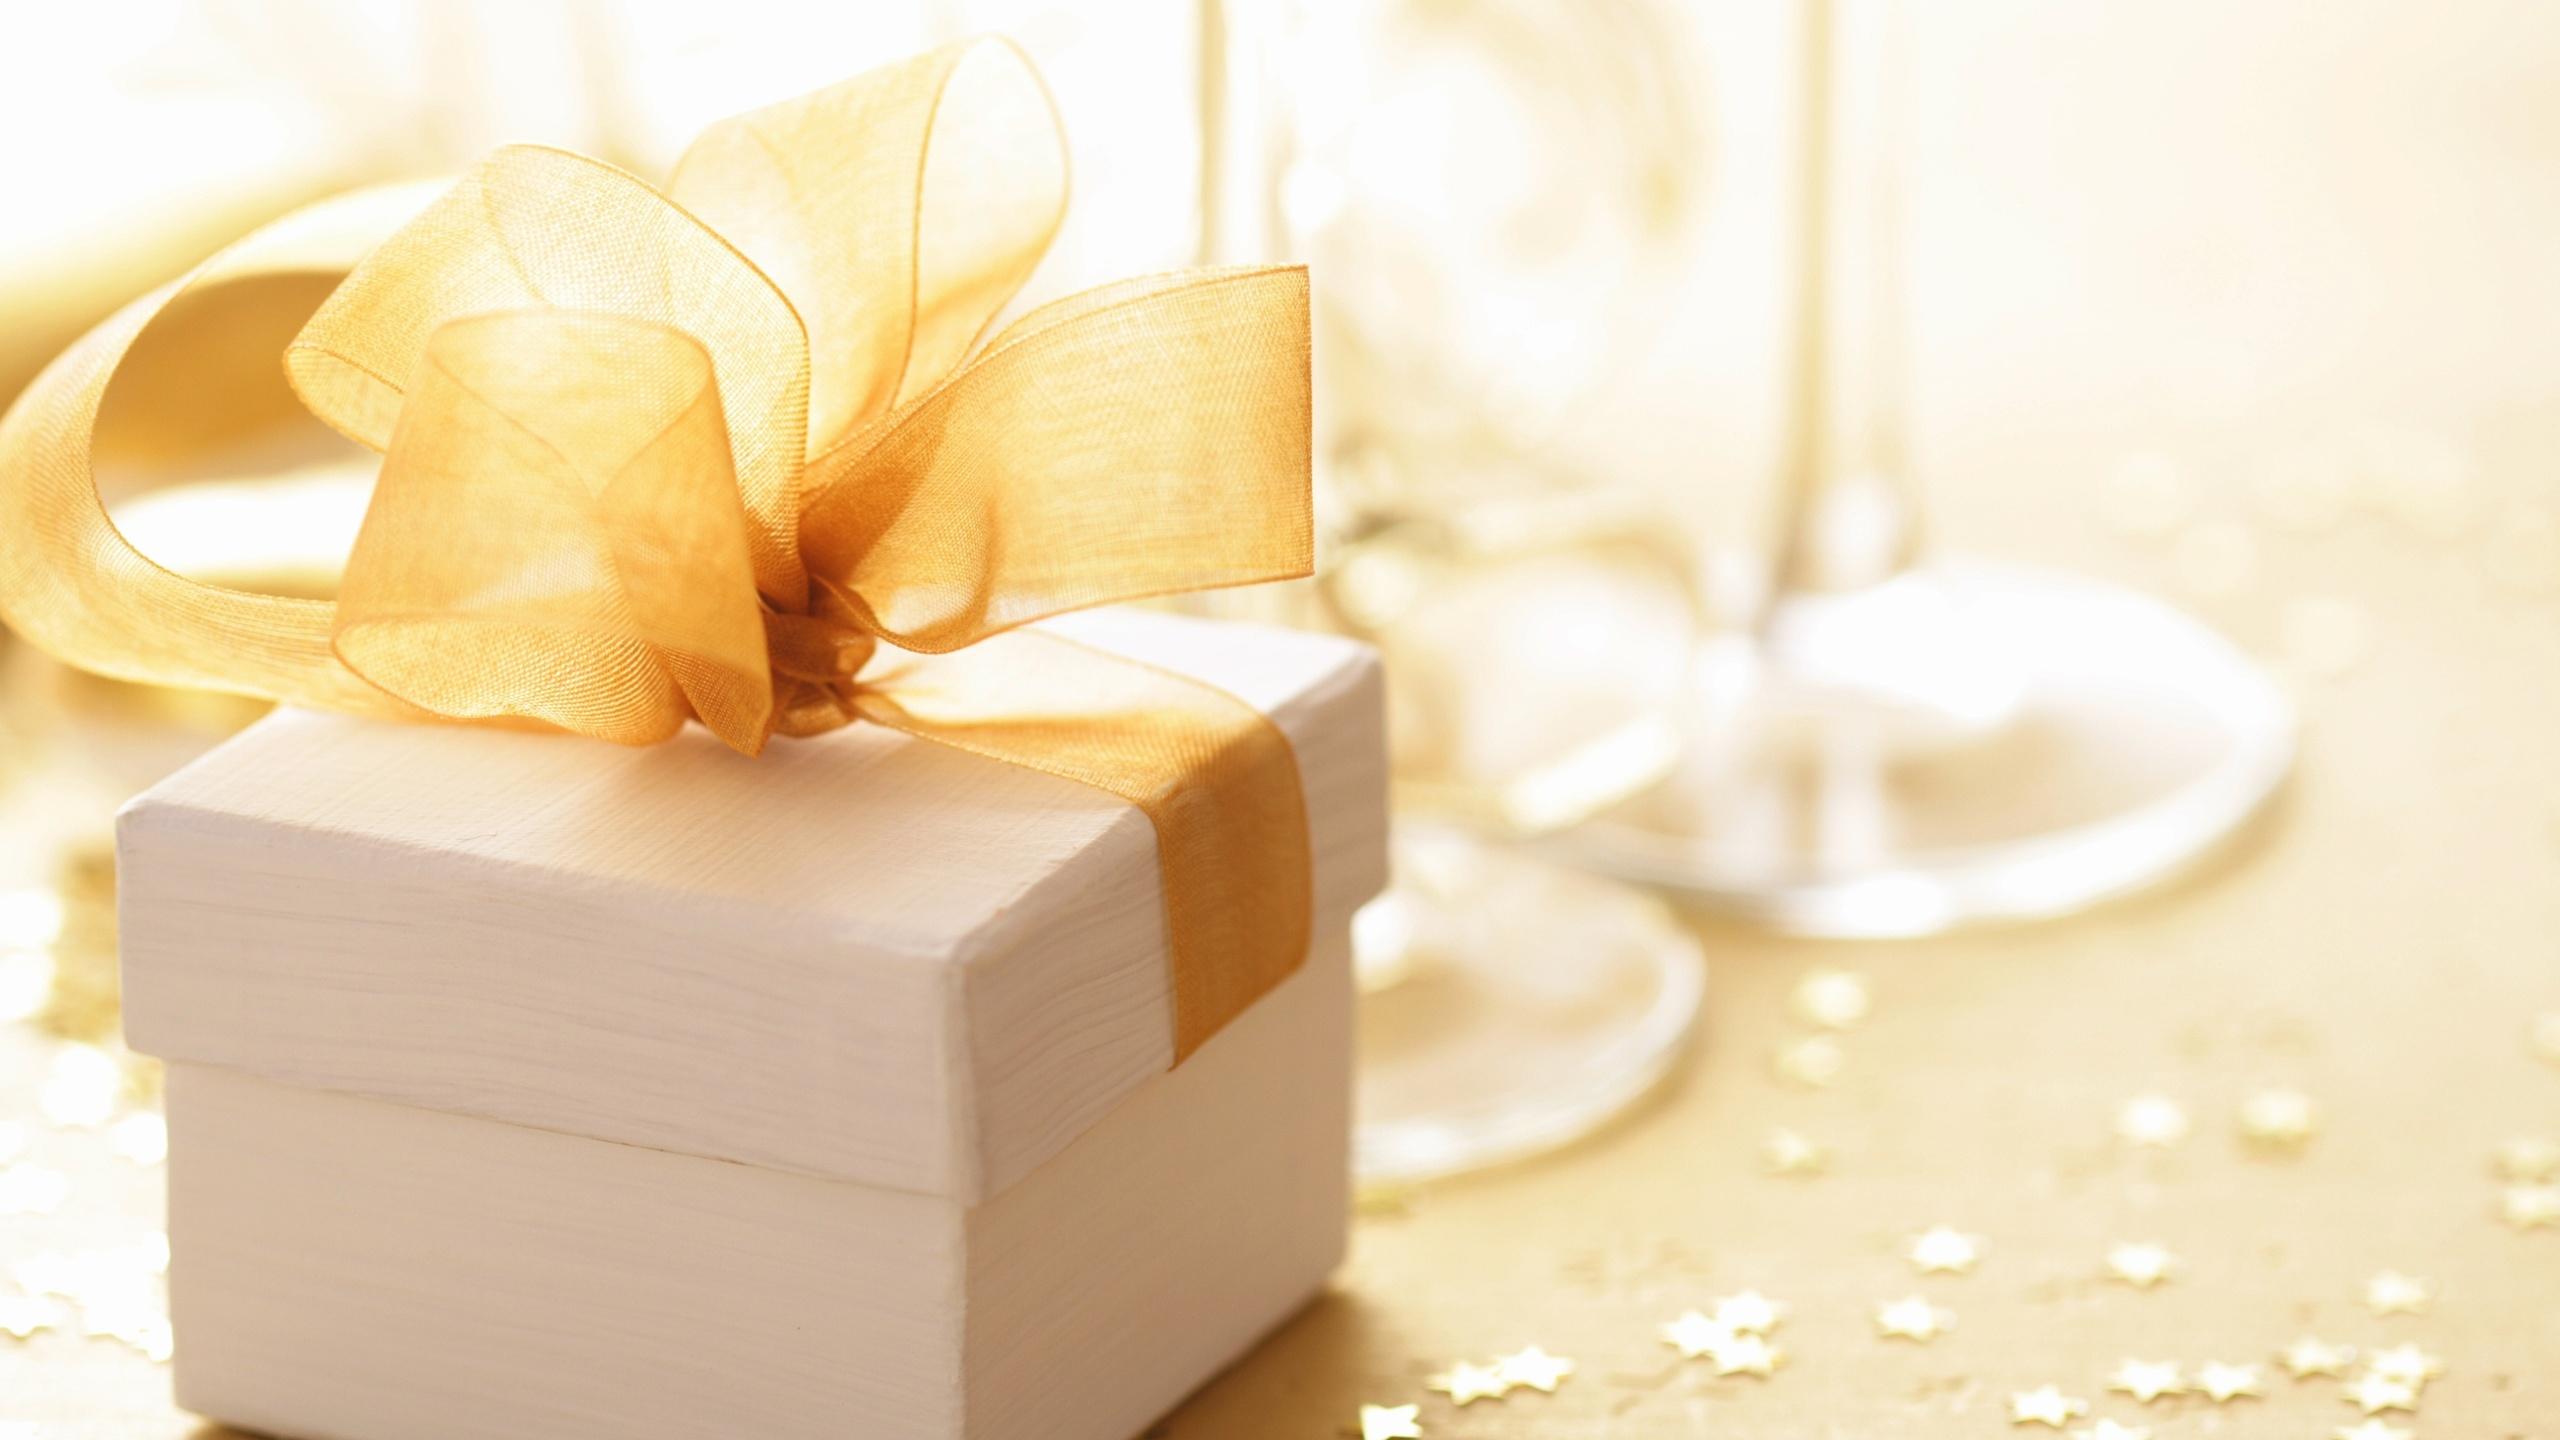 Открытки с днем рождения с золотом, стиле